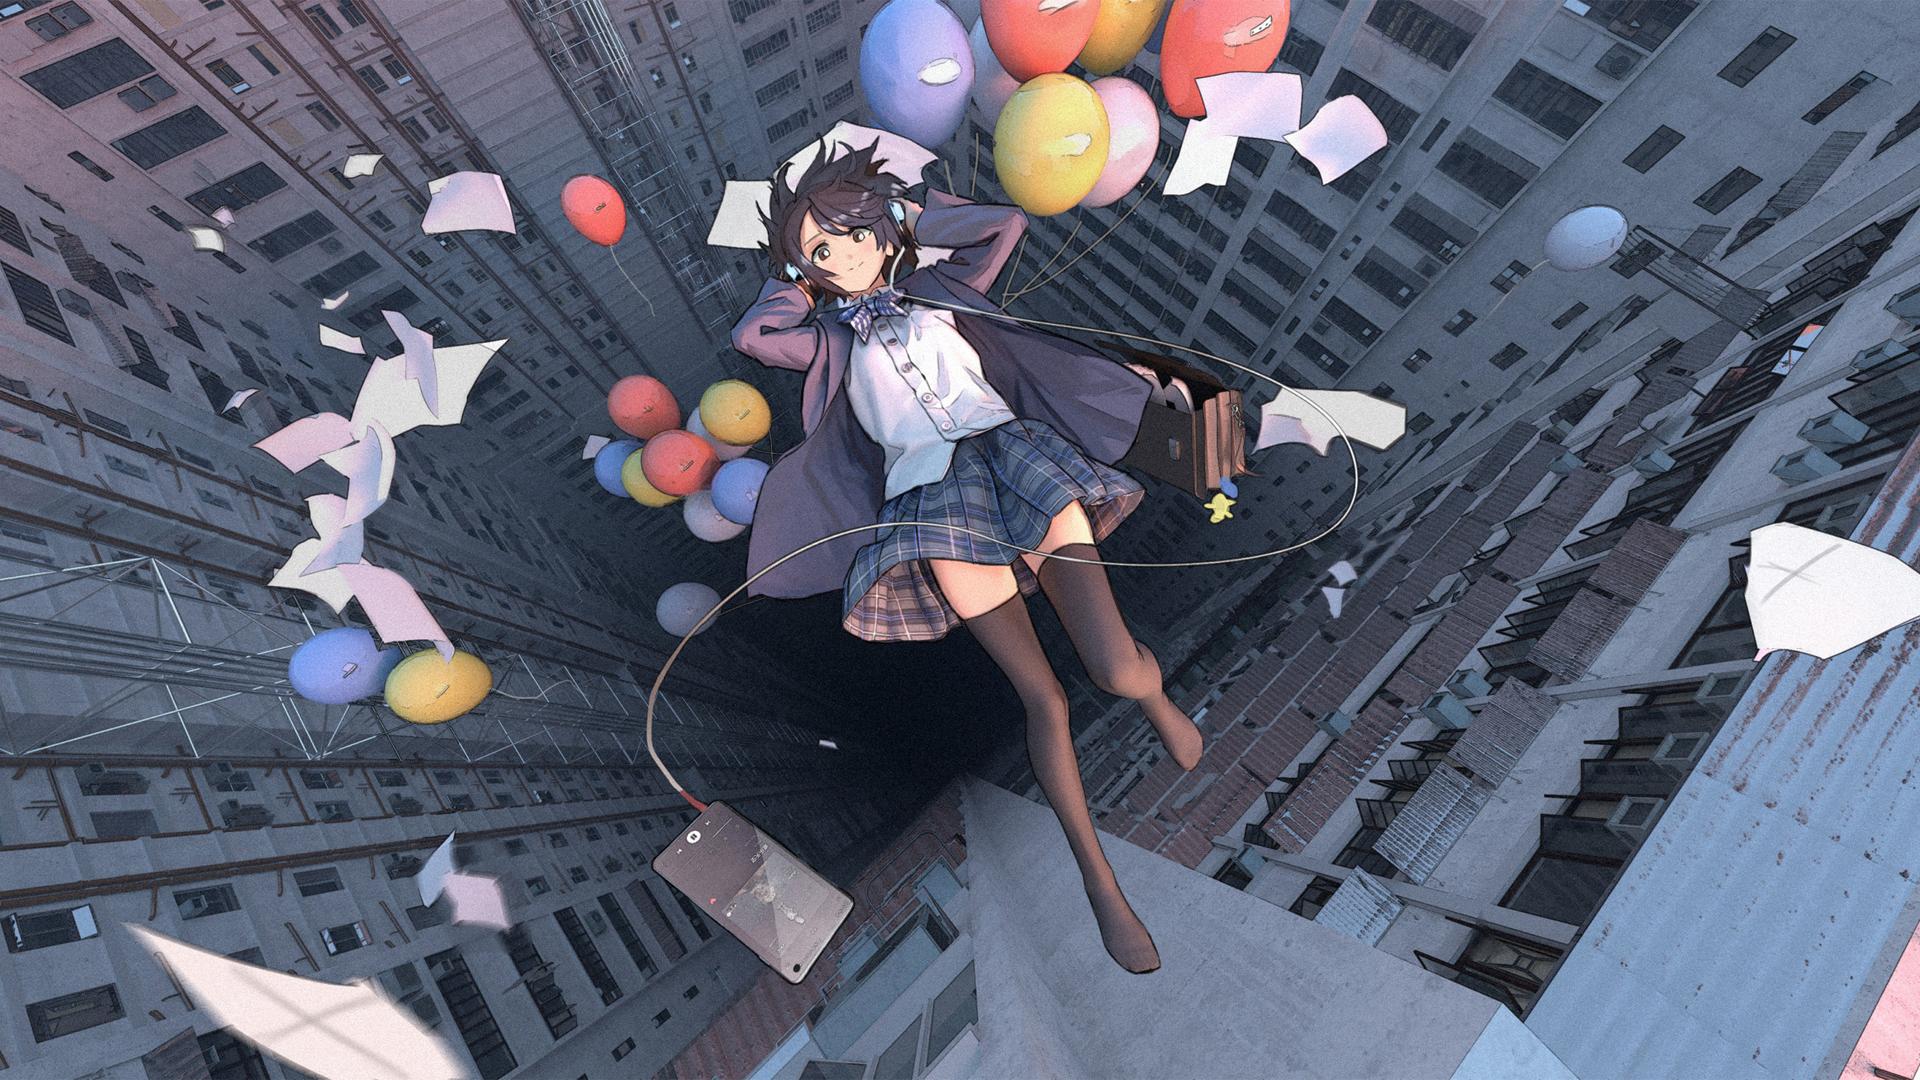 女子高中生校服制服 高楼 气球 手机 音乐 浮起来 动漫壁纸(1920×1080)